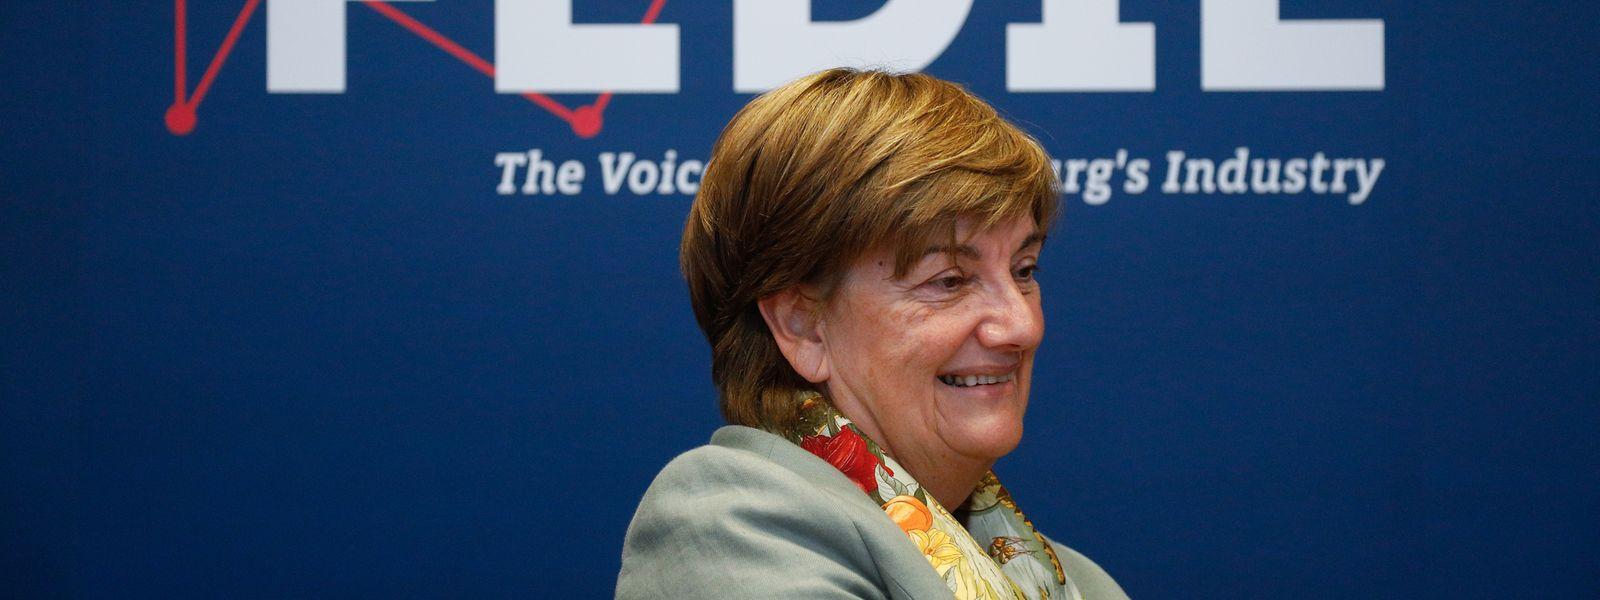 Pour Michèle Detaille, l'urgence est d'abord de trouver un accord entre Etats. Puis viendra le temps de la réglementation nationale.